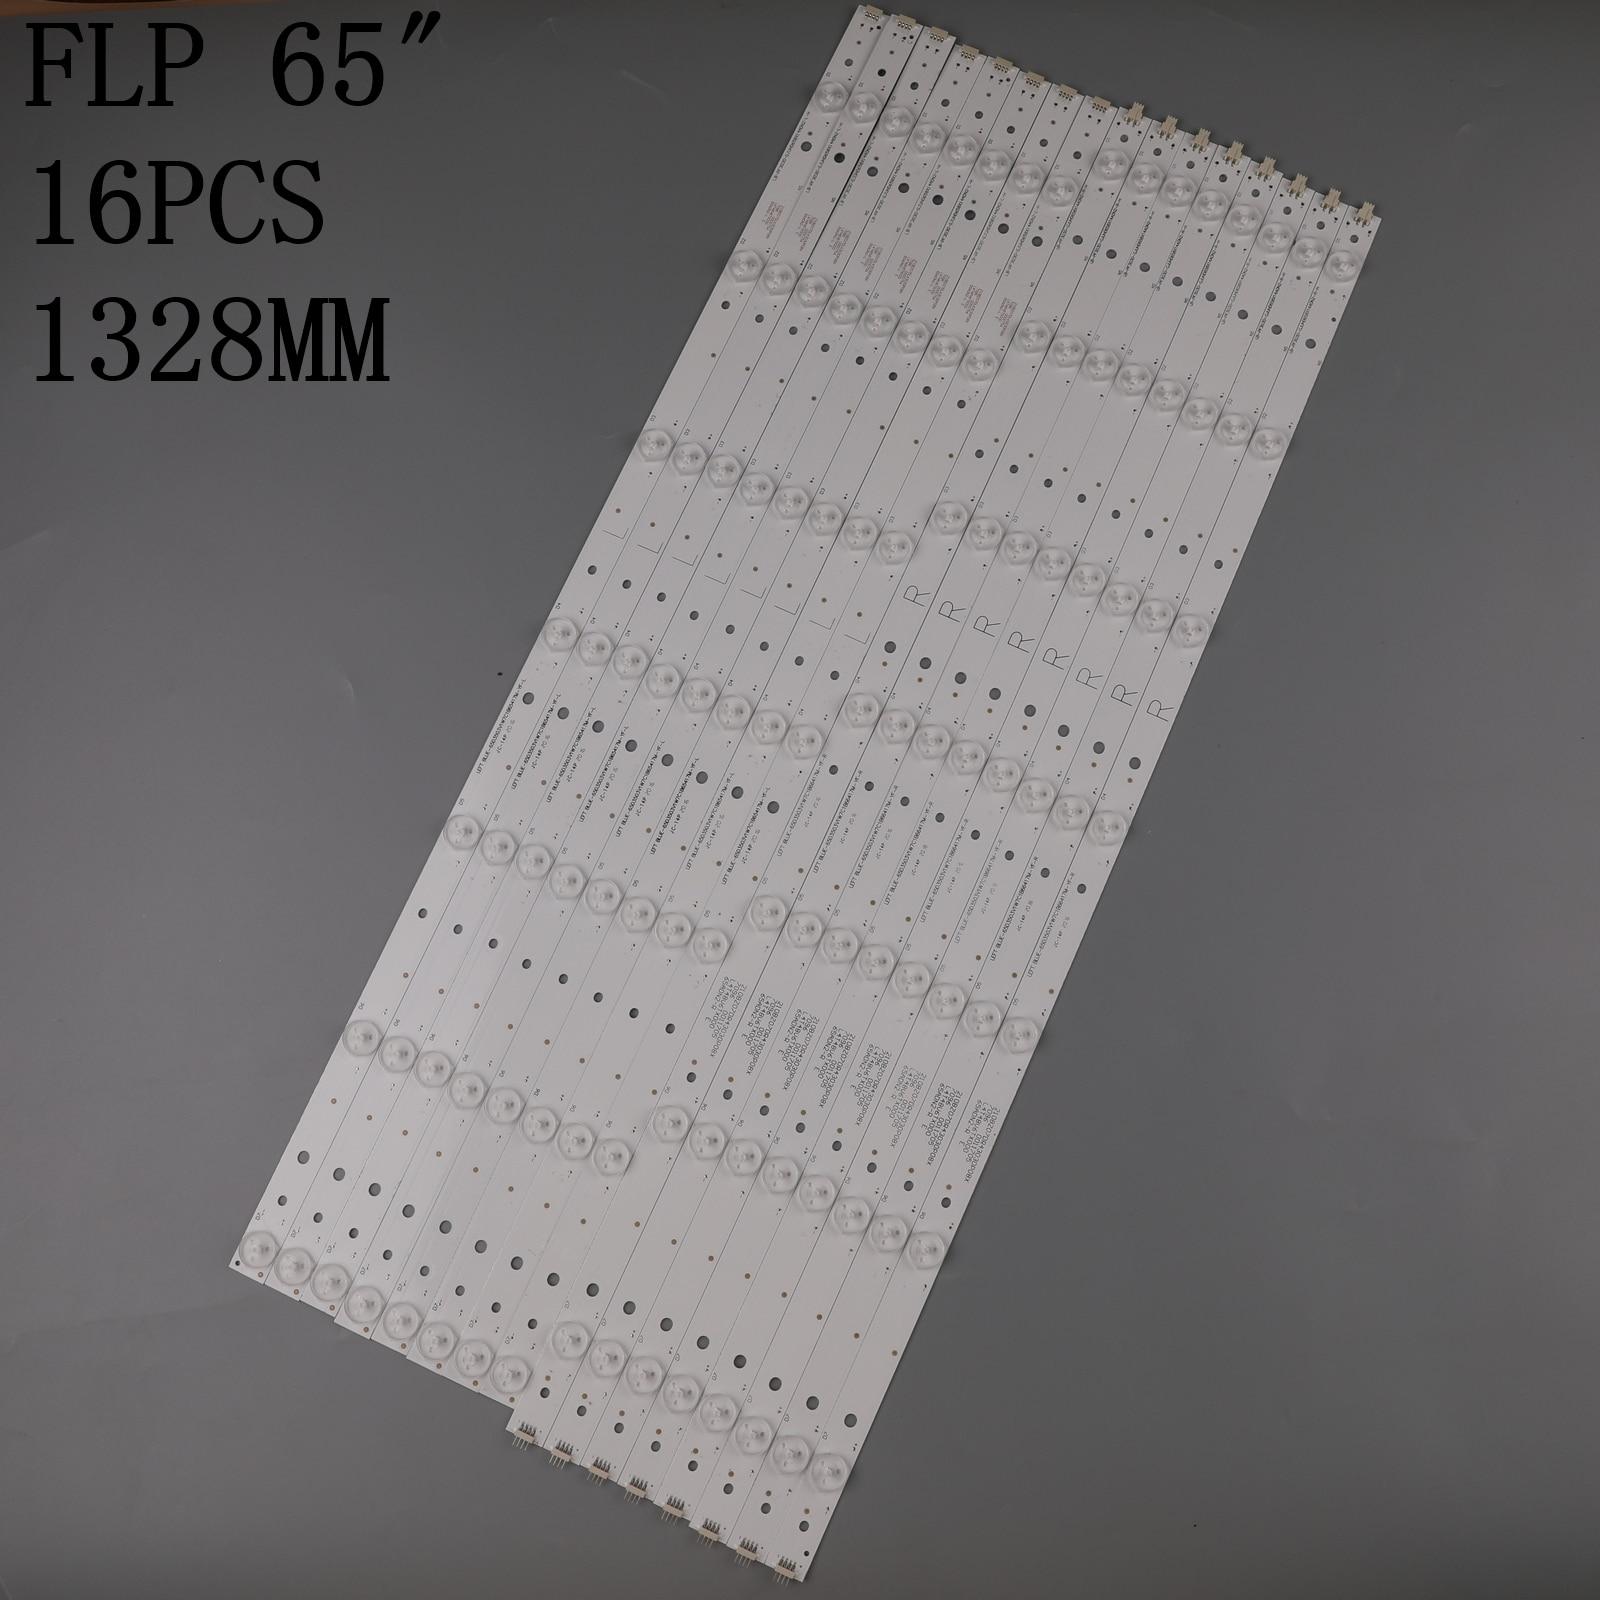 LED الخلفية قطاع ل فيليبس 65